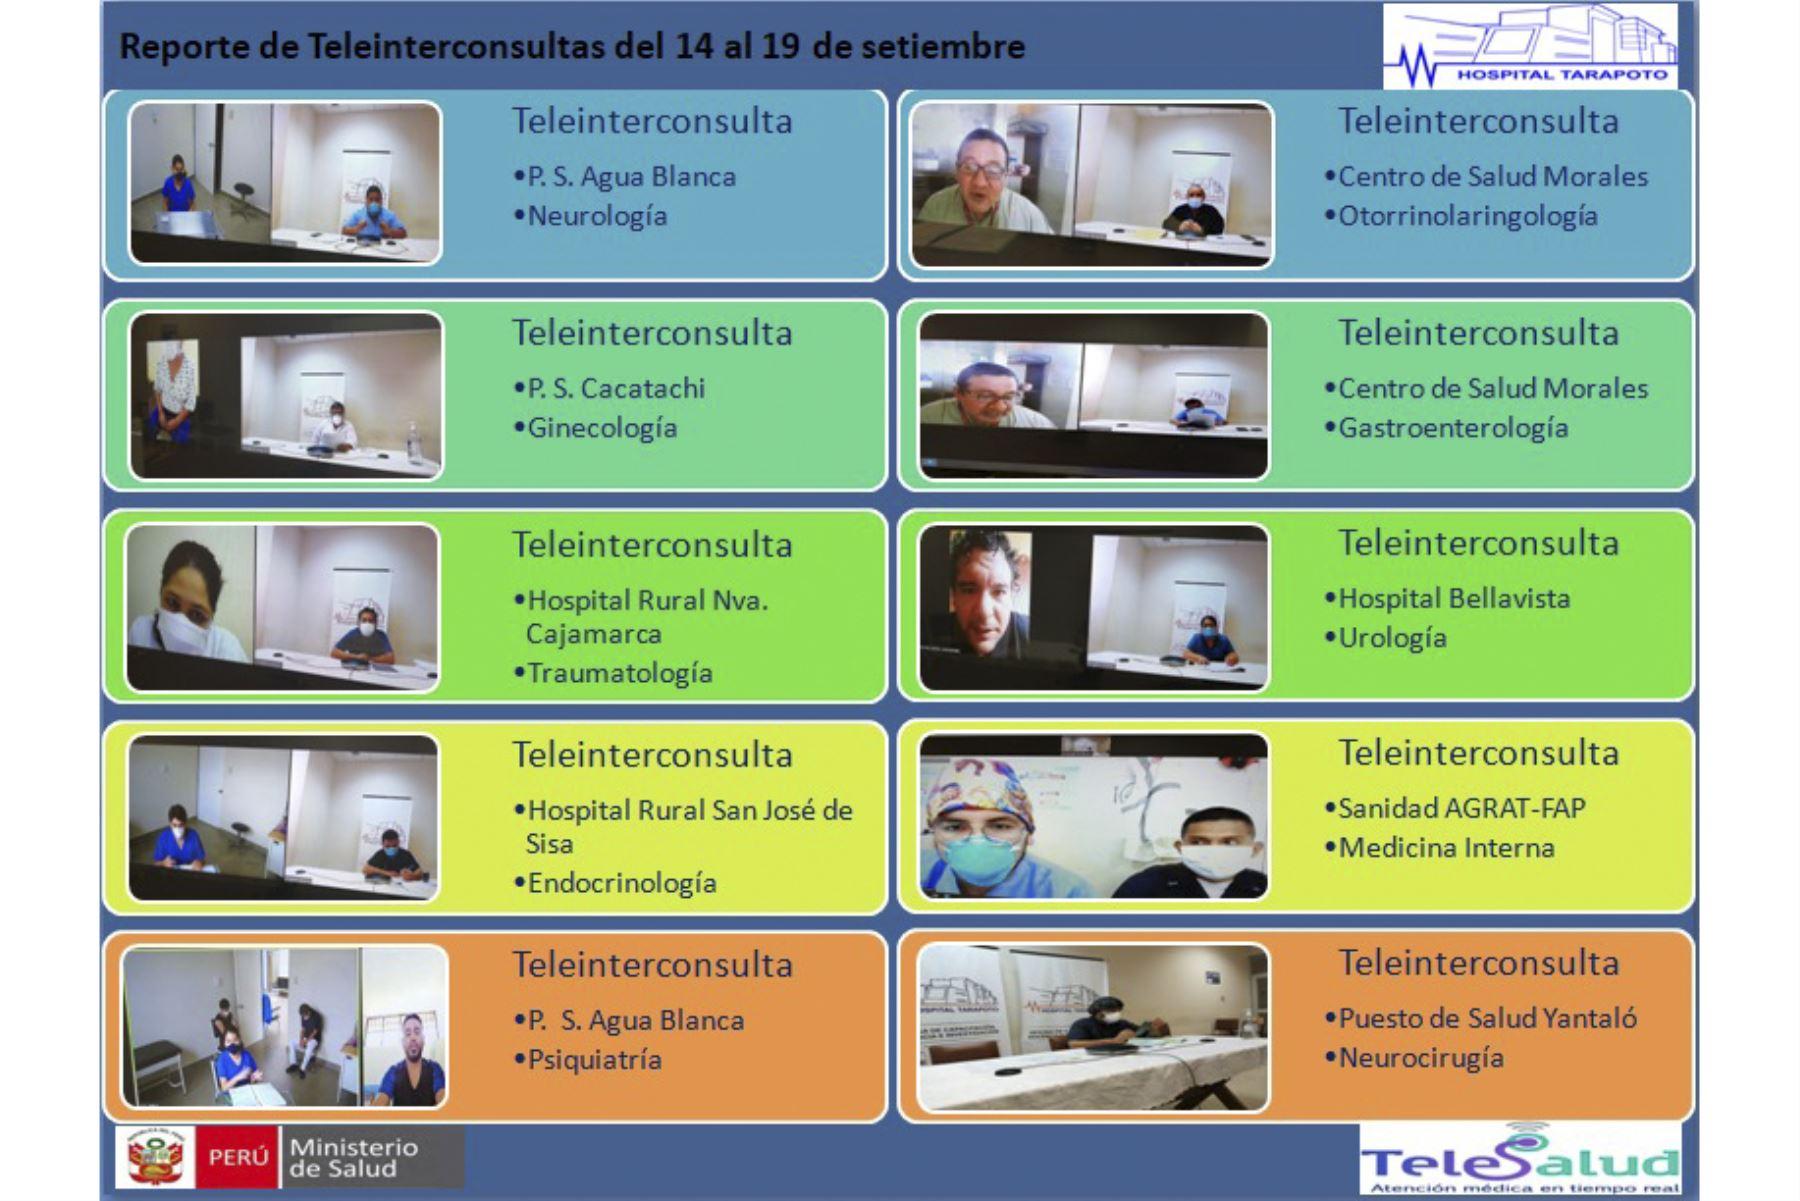 Por medio del portal Teleatiendo y la Línea 113, los servicios de telemedicina están al alcance de todos. Foto: ANDINA/Minsa